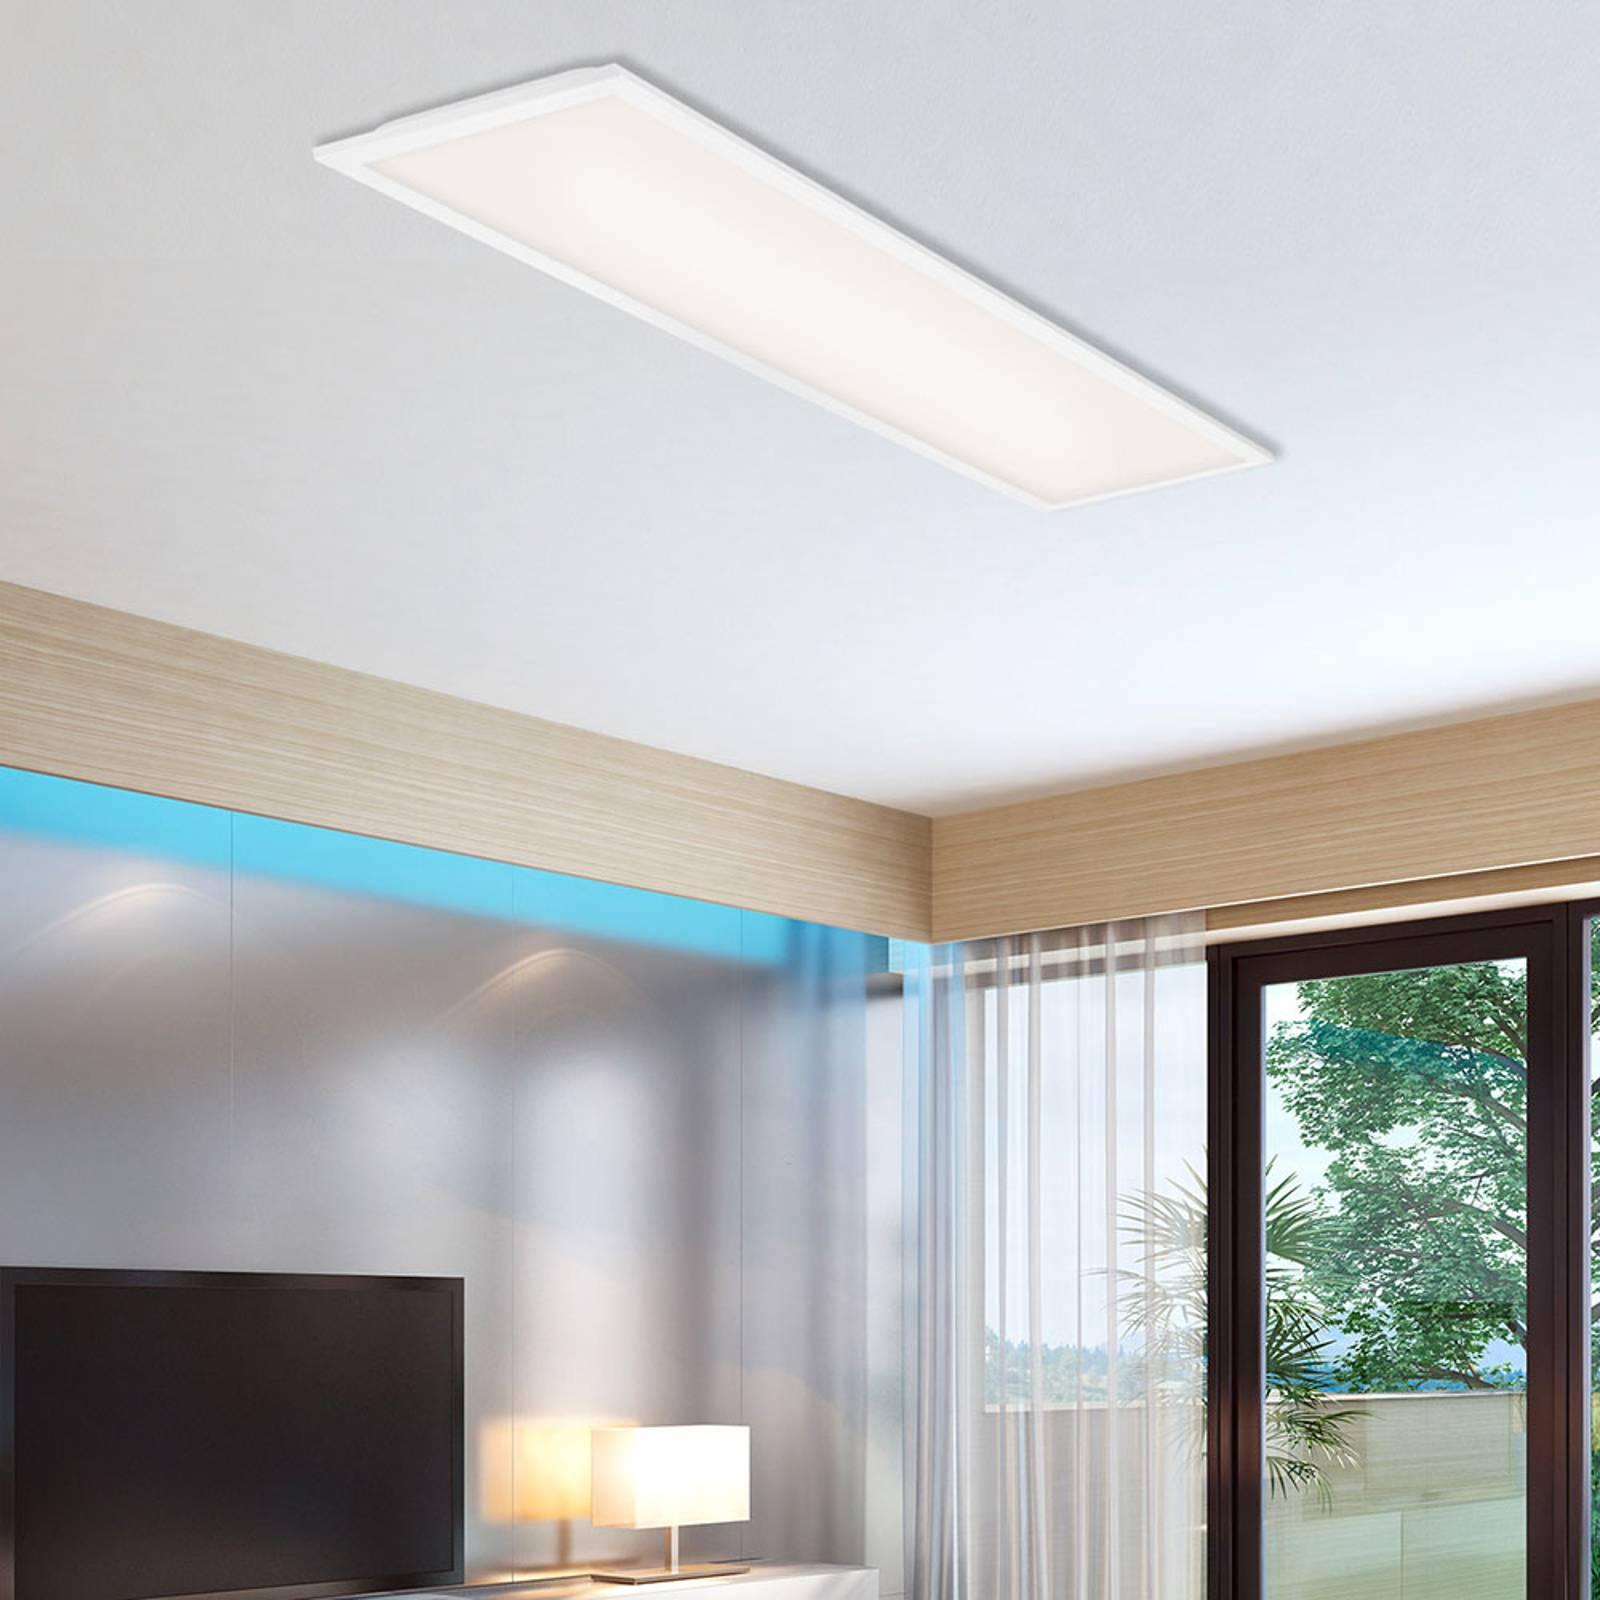 Pannello LED Simple, bianco, ultrapiatto, 100x25cm